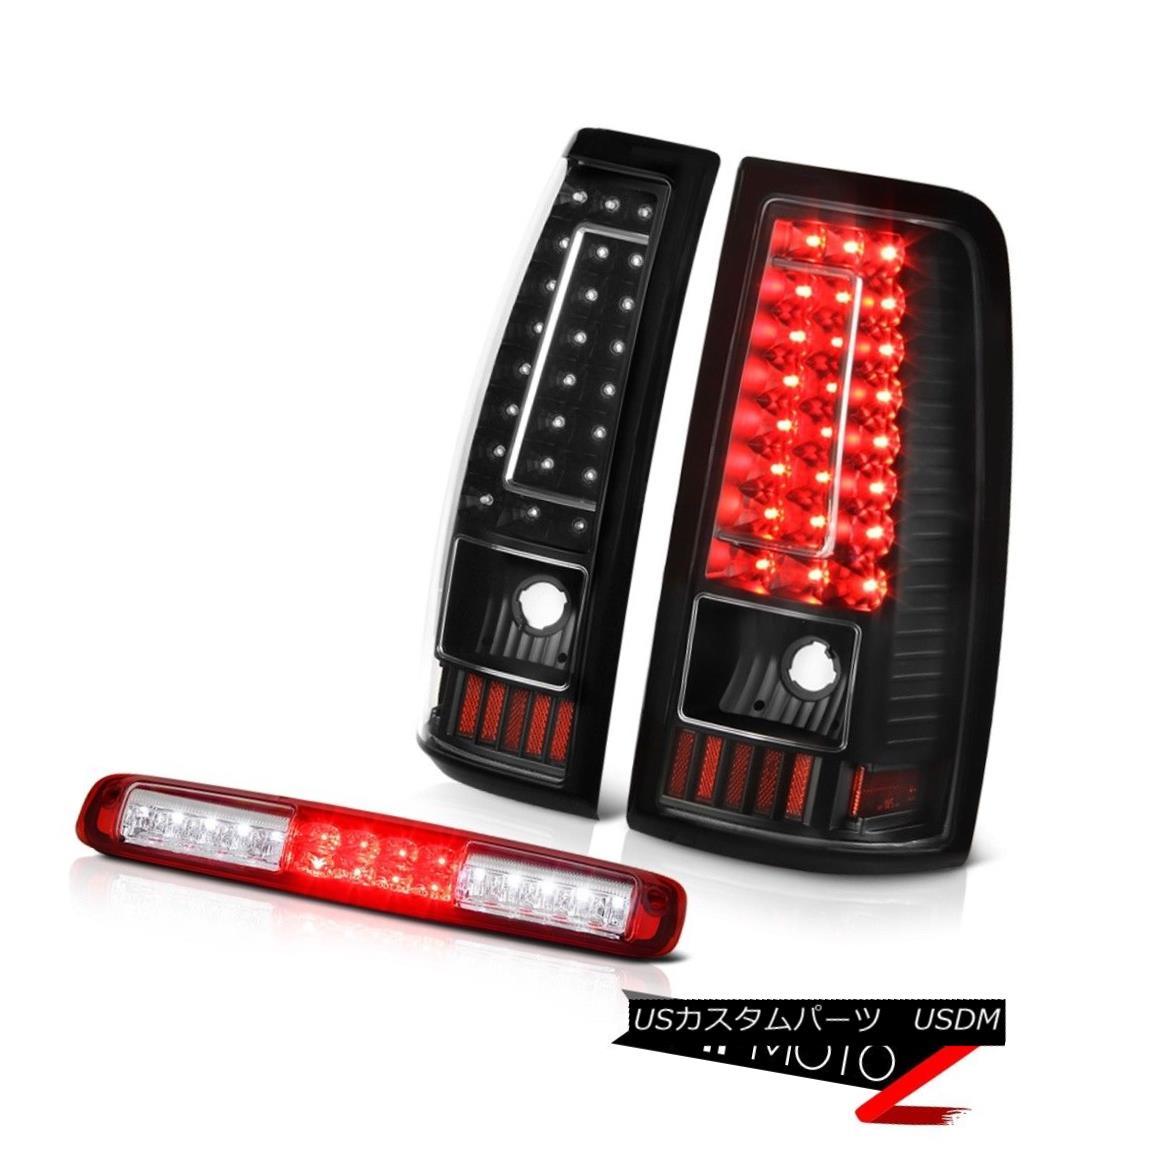 テールライト 03 04 05 06 Silverado Bloody Red Roof Cab Light Raven Black Rear Brake Lamps 03 04 05 06シルヴァード・ブラッディ・レッド・ルーフ・キャブ・ライト・レイヴン・ブラックリア・ブレーキ・ランプ